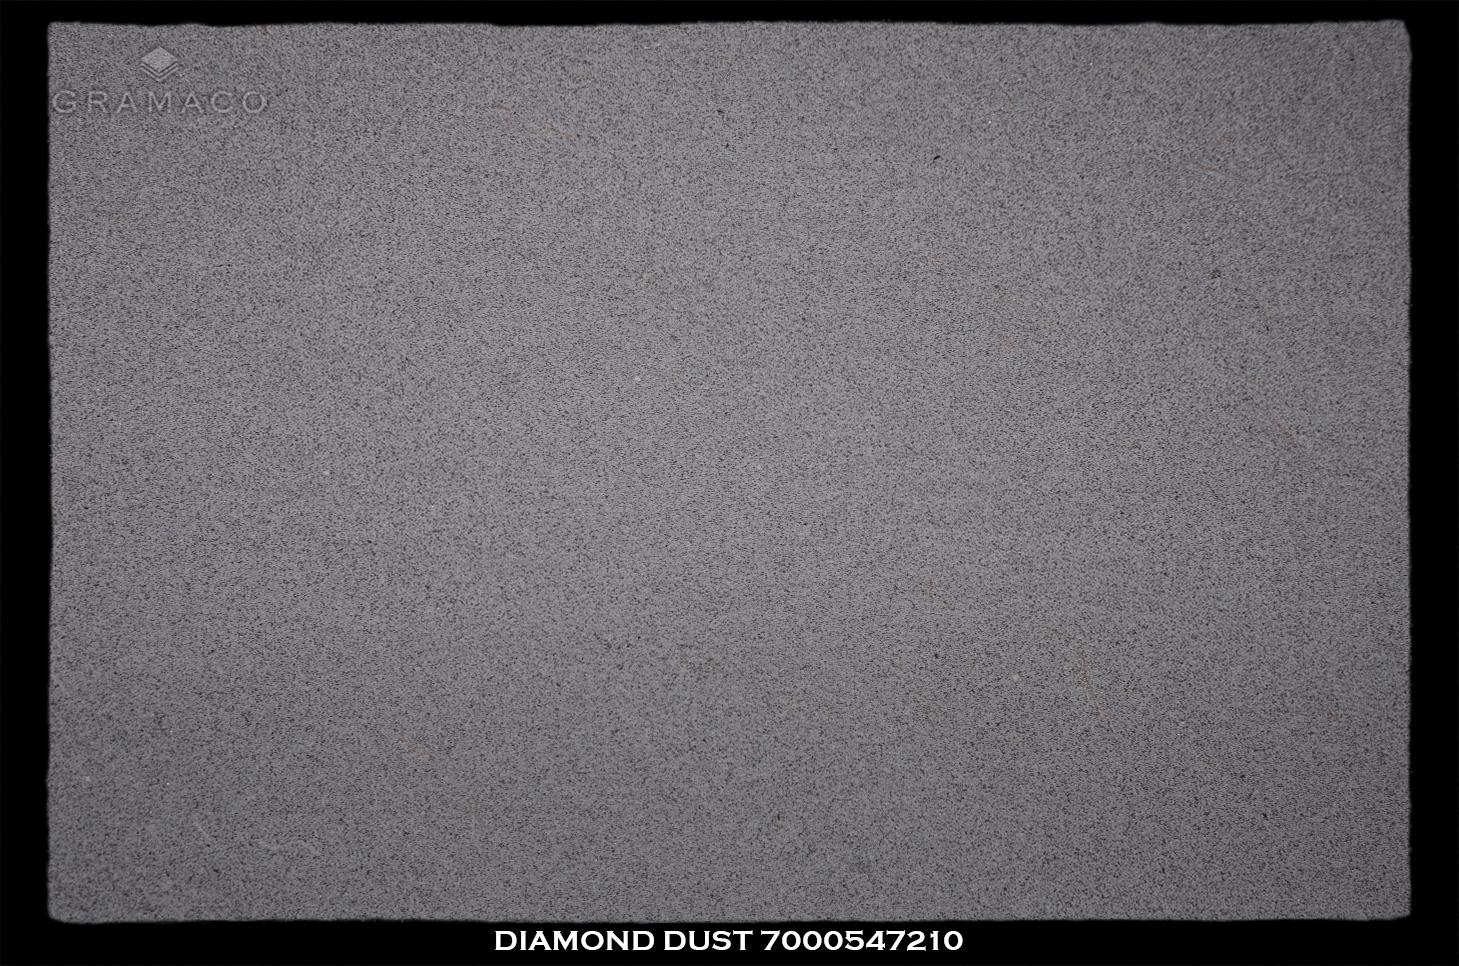 diamond_dust7000547210-slab